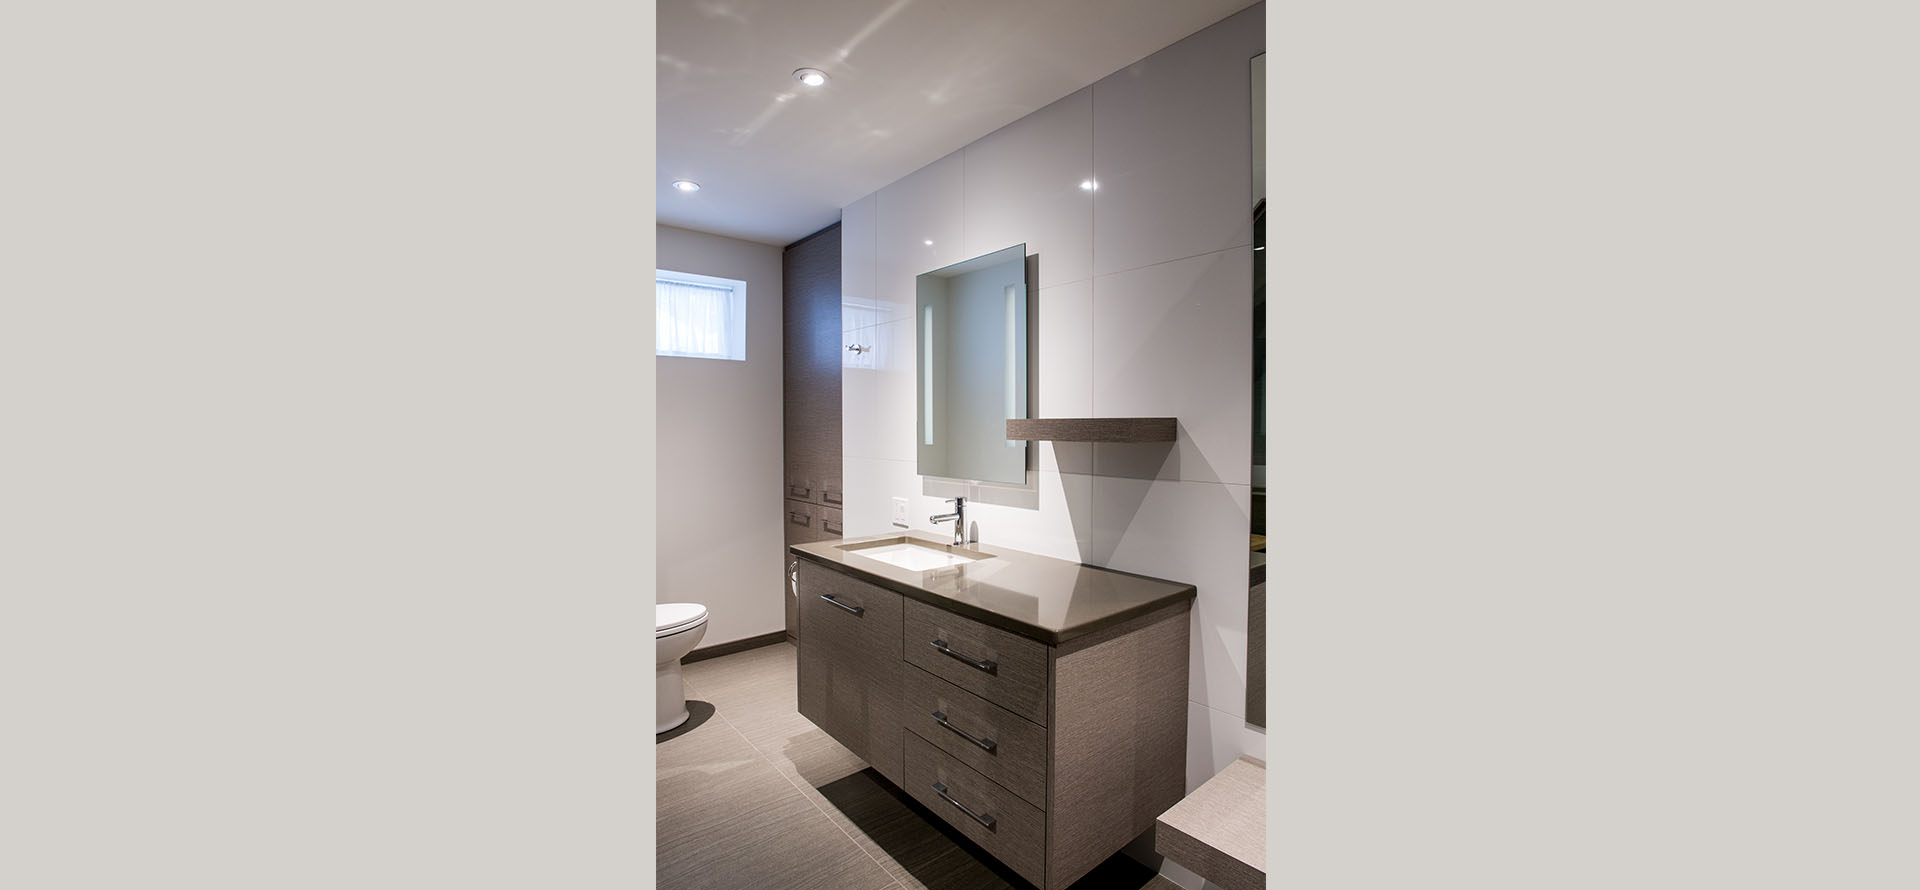 Style moderne avec fini lustré blanc, à North Hatley